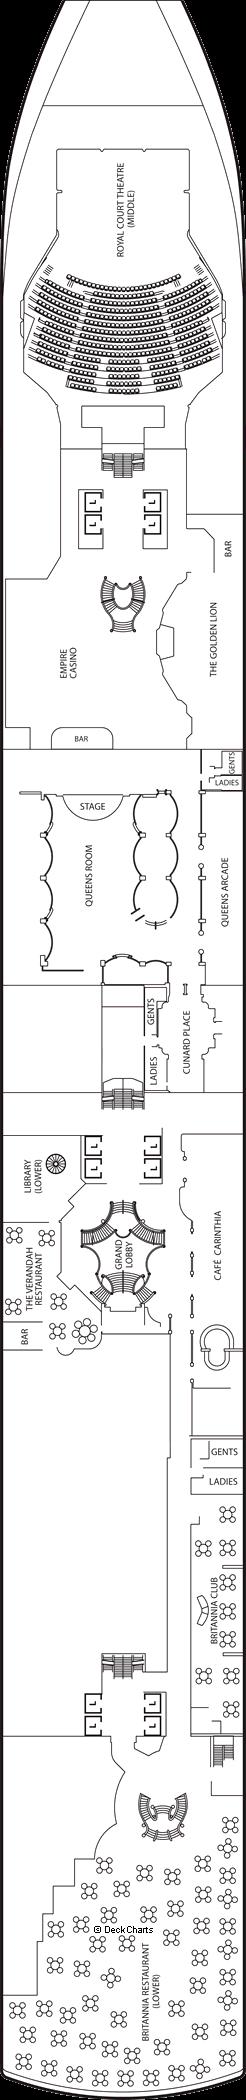 Queen Elizabeth: Deck 2